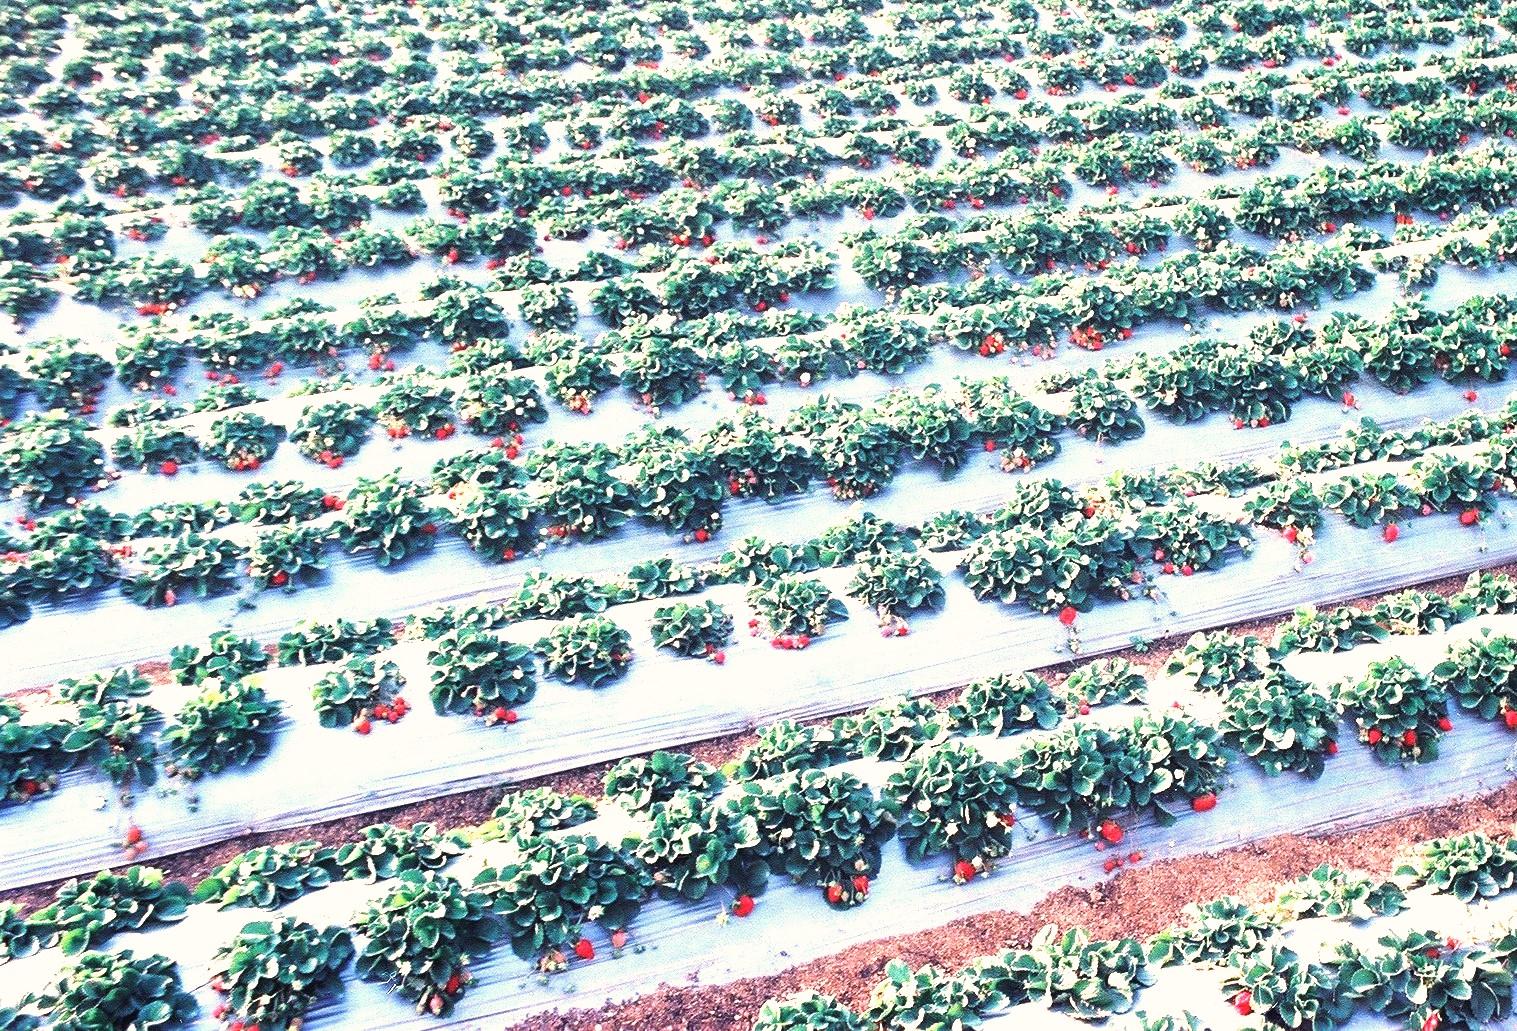 纳米技术在植物源农药应用上功效独特、前景广泛---厦门安稼商贸有限公司转载自世界农化网